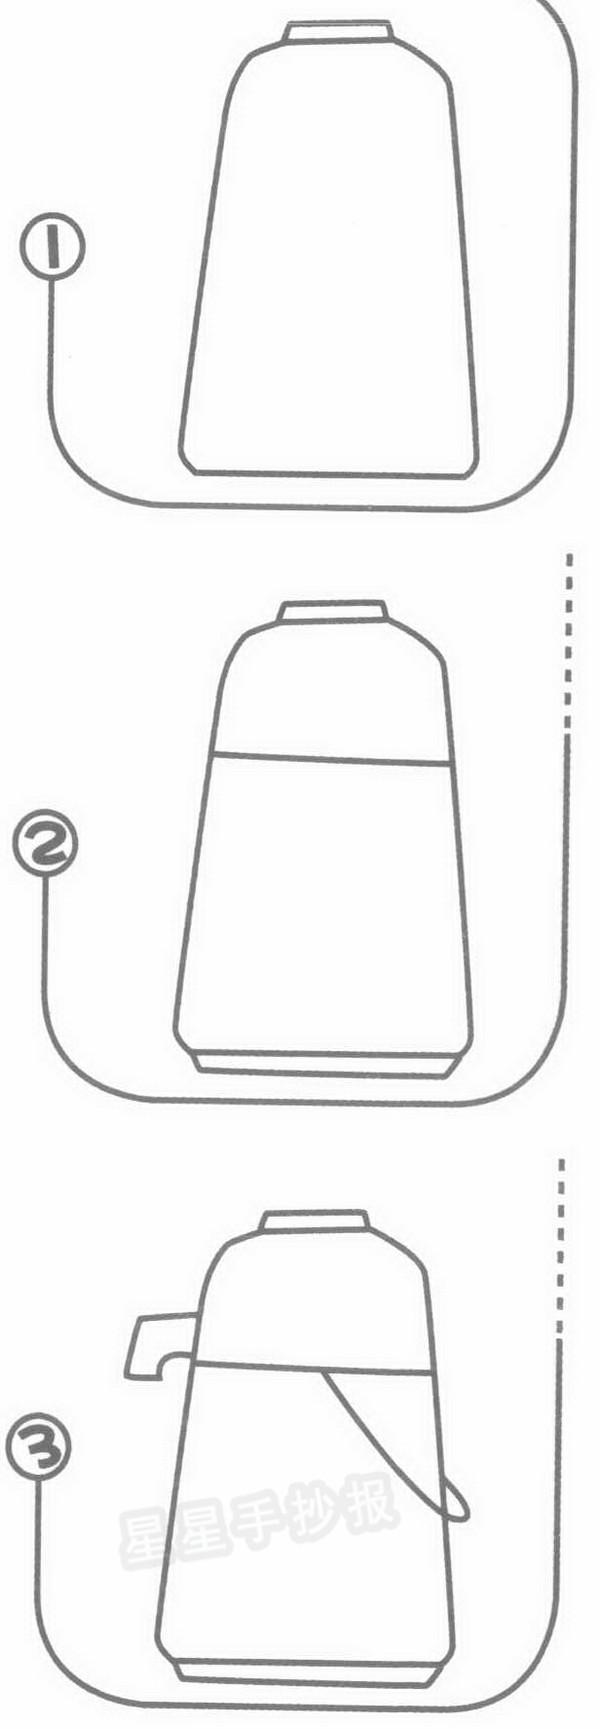 水壶简笔画简单画法